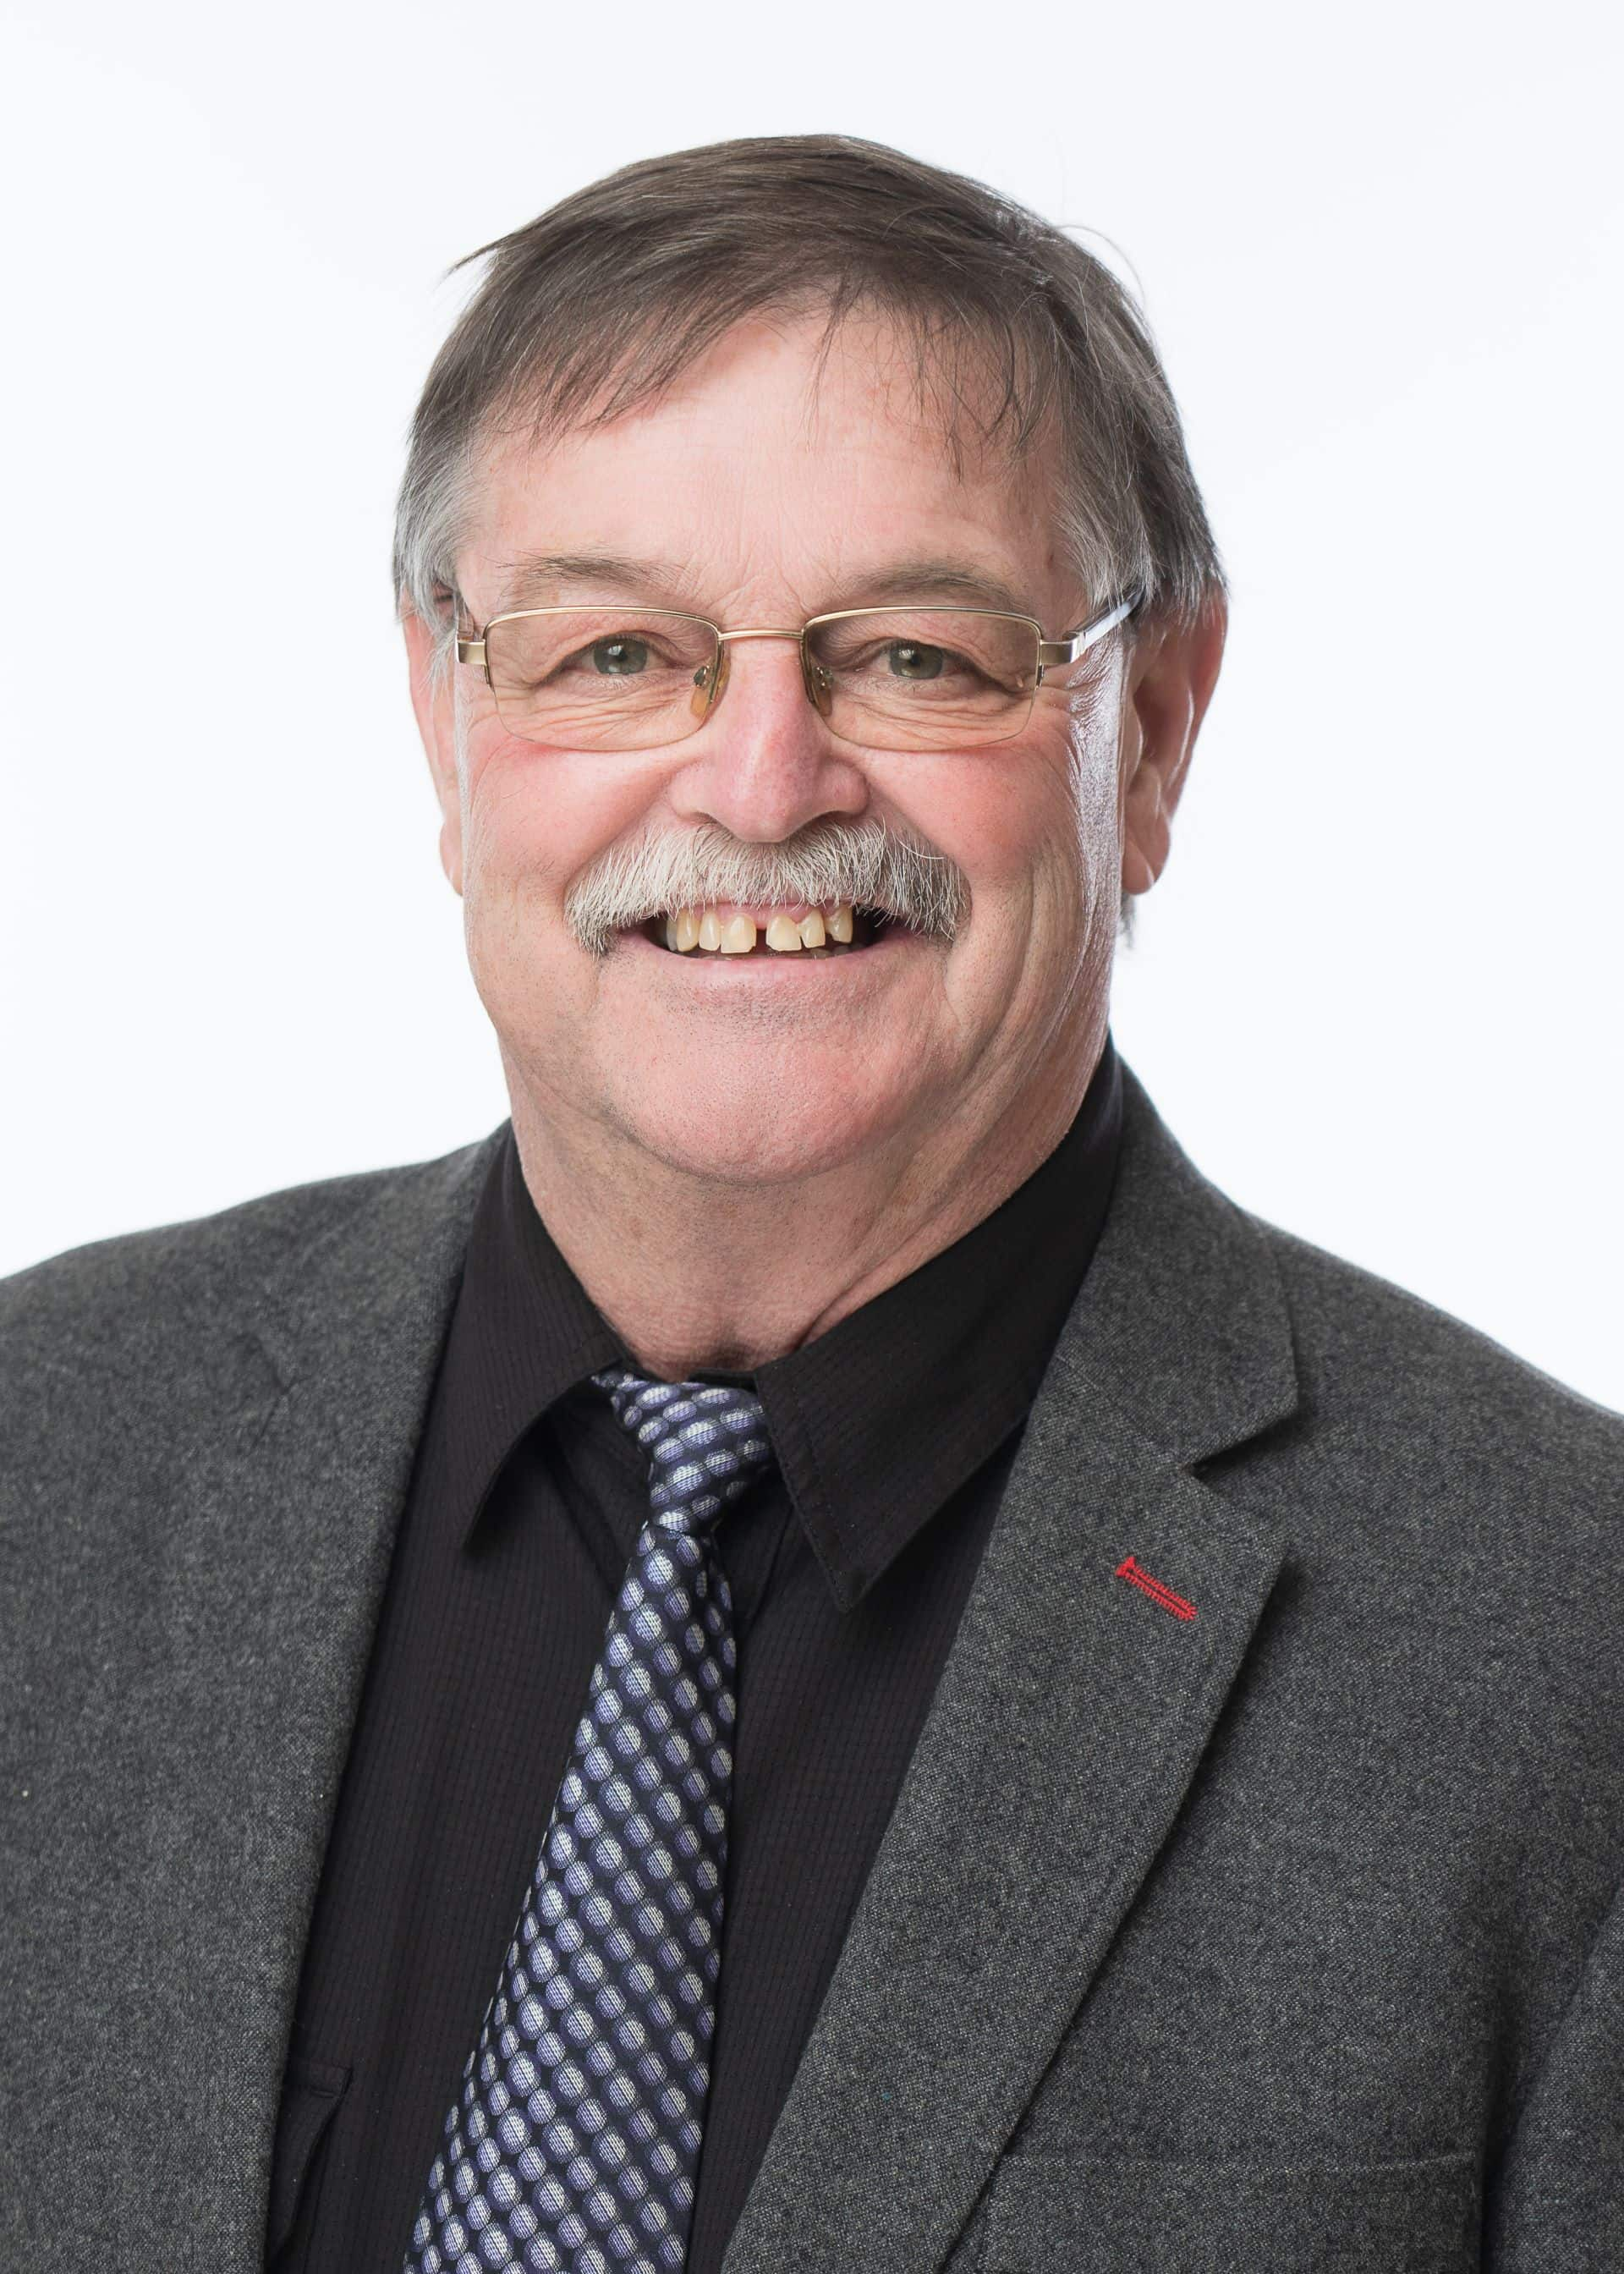 Municipalité de Ferme-Neuve - Gilbert Pilote, Maire de Ferme-Neuve